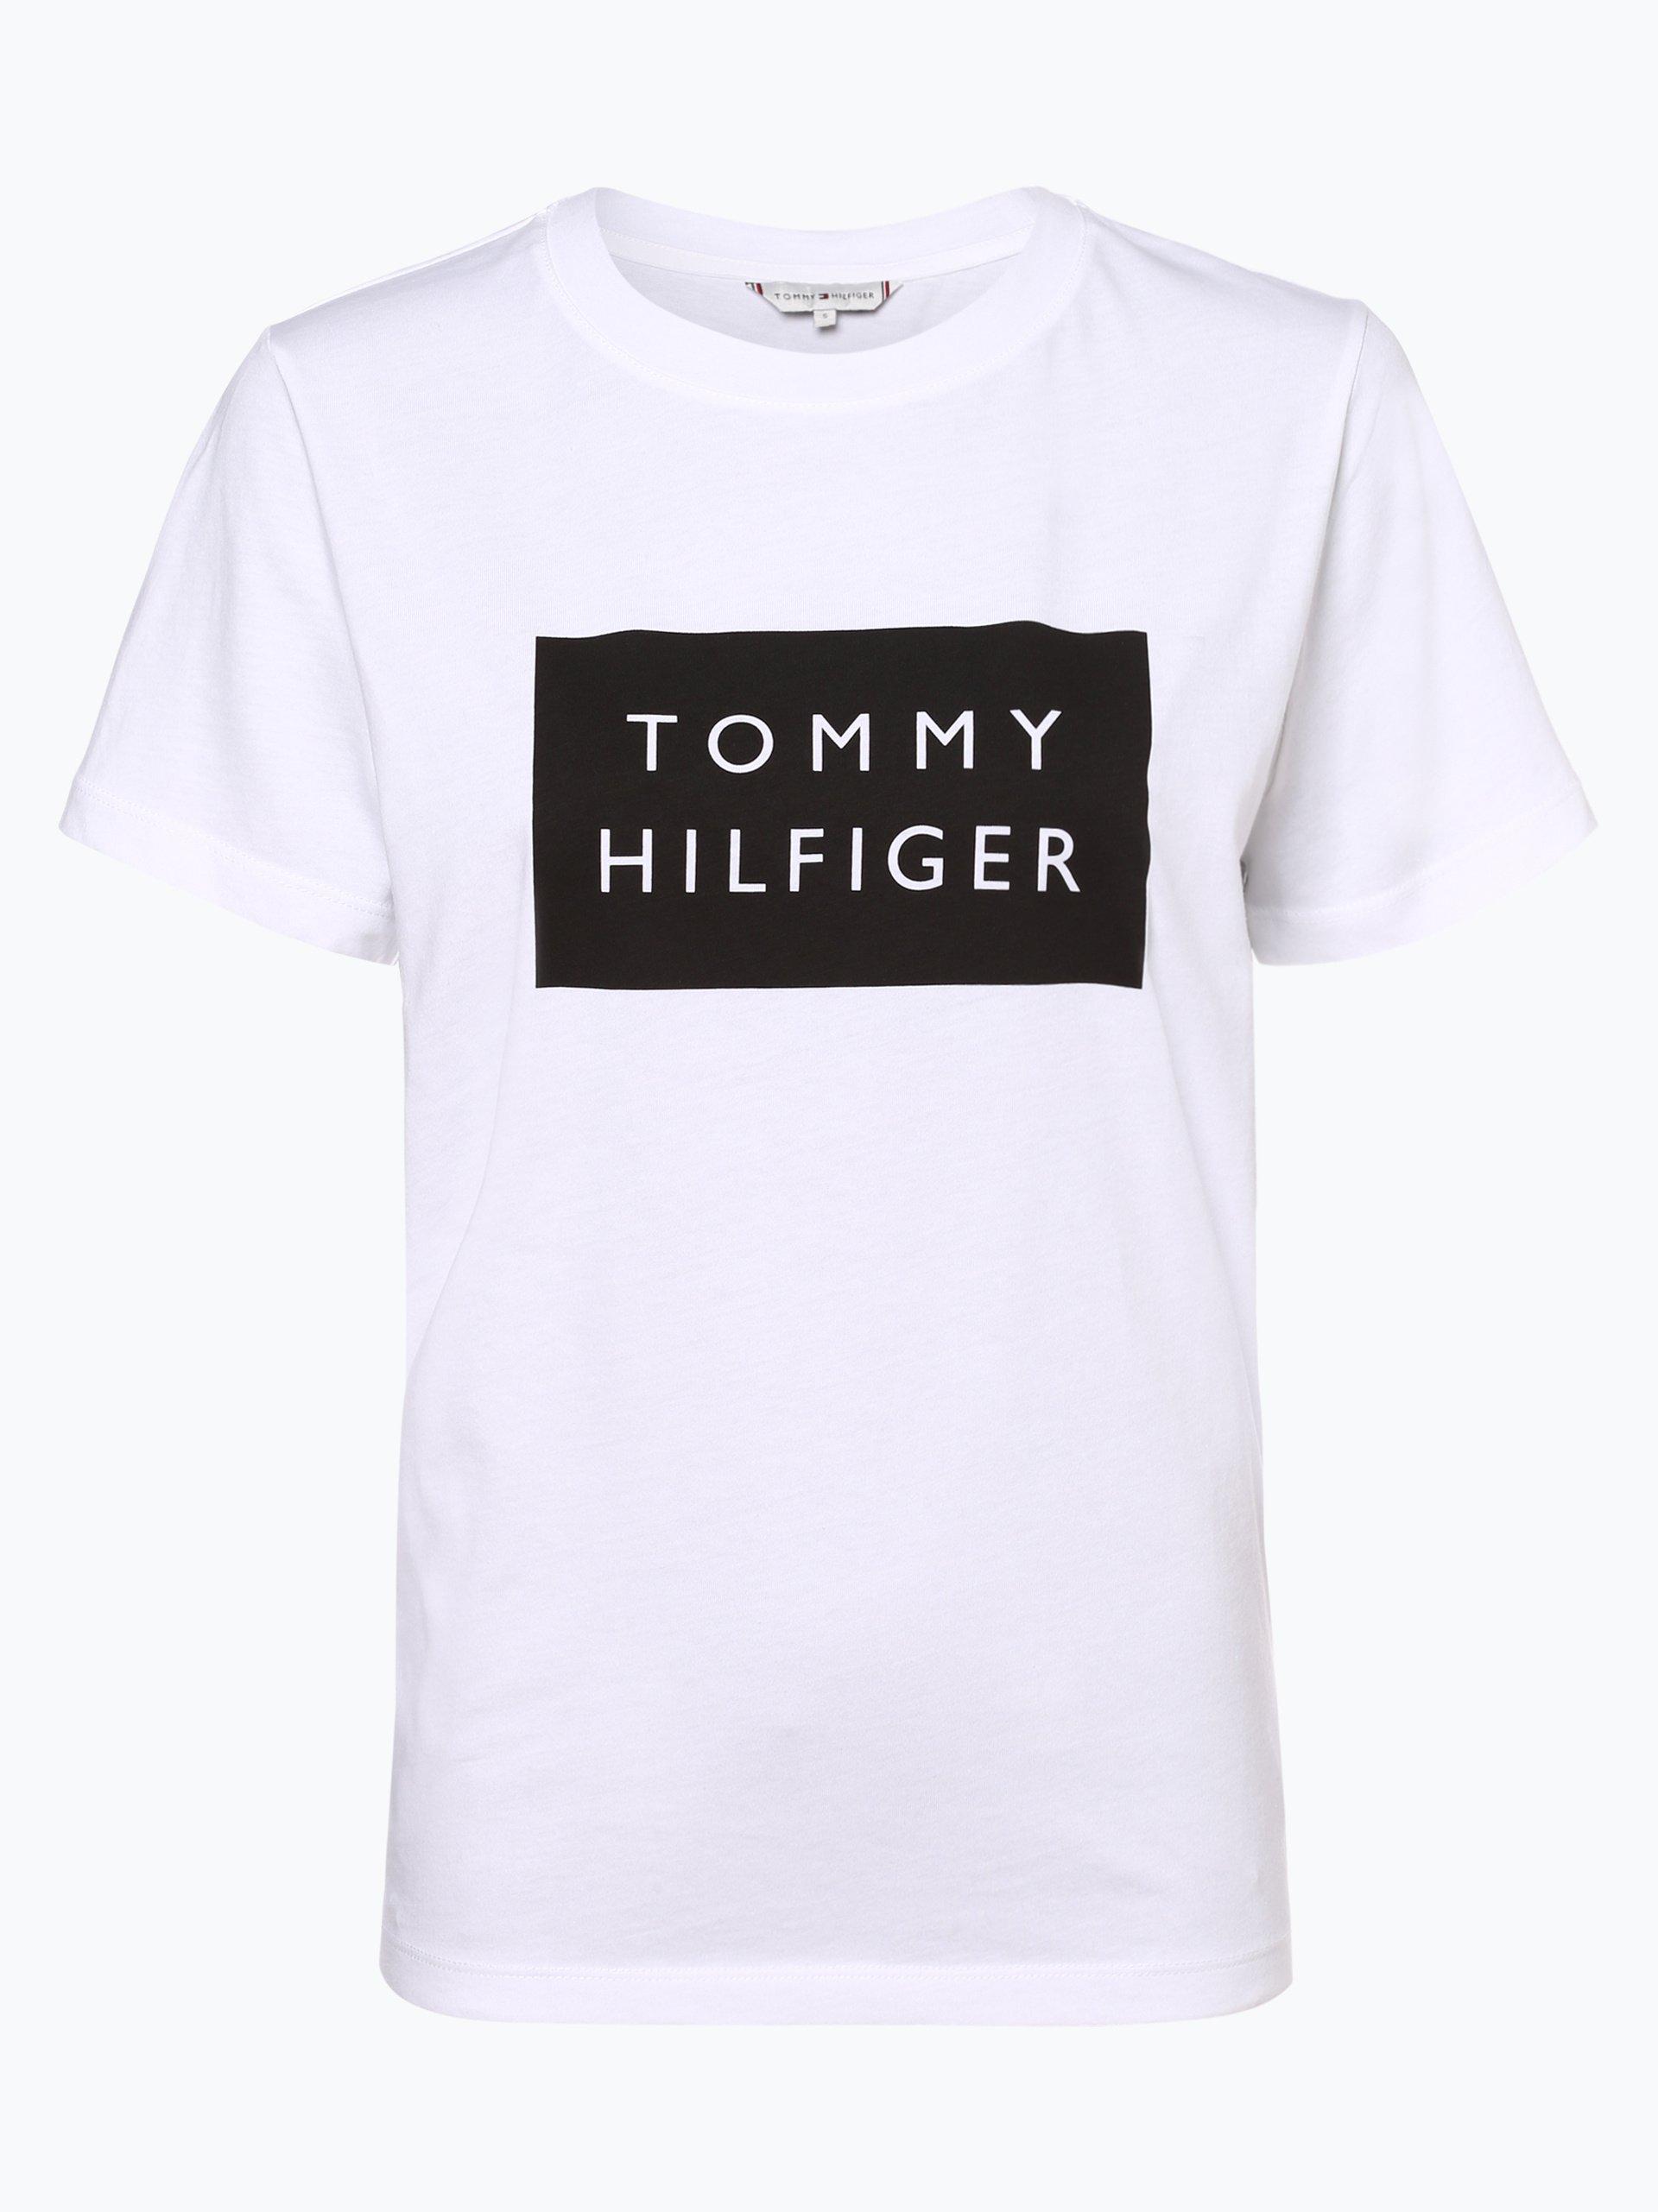 tommy hilfiger damen t shirt wei bedruckt online kaufen peek und cloppenburg de. Black Bedroom Furniture Sets. Home Design Ideas